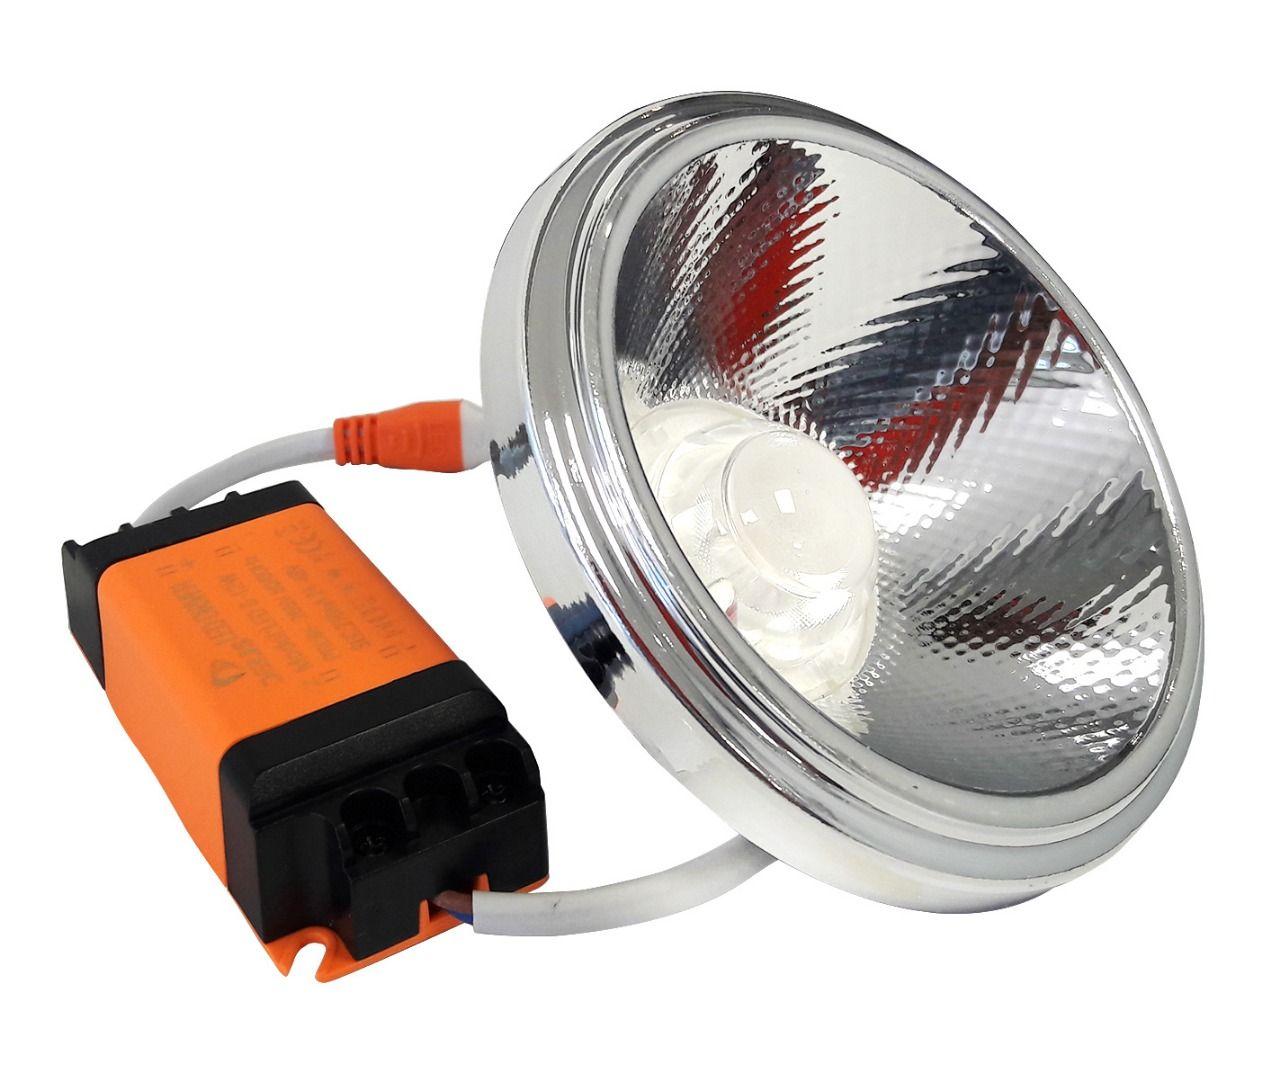 LAMPADA LED AR111 10W COB DRIVER BIVOLT - BRANCO QUENTE 3000K